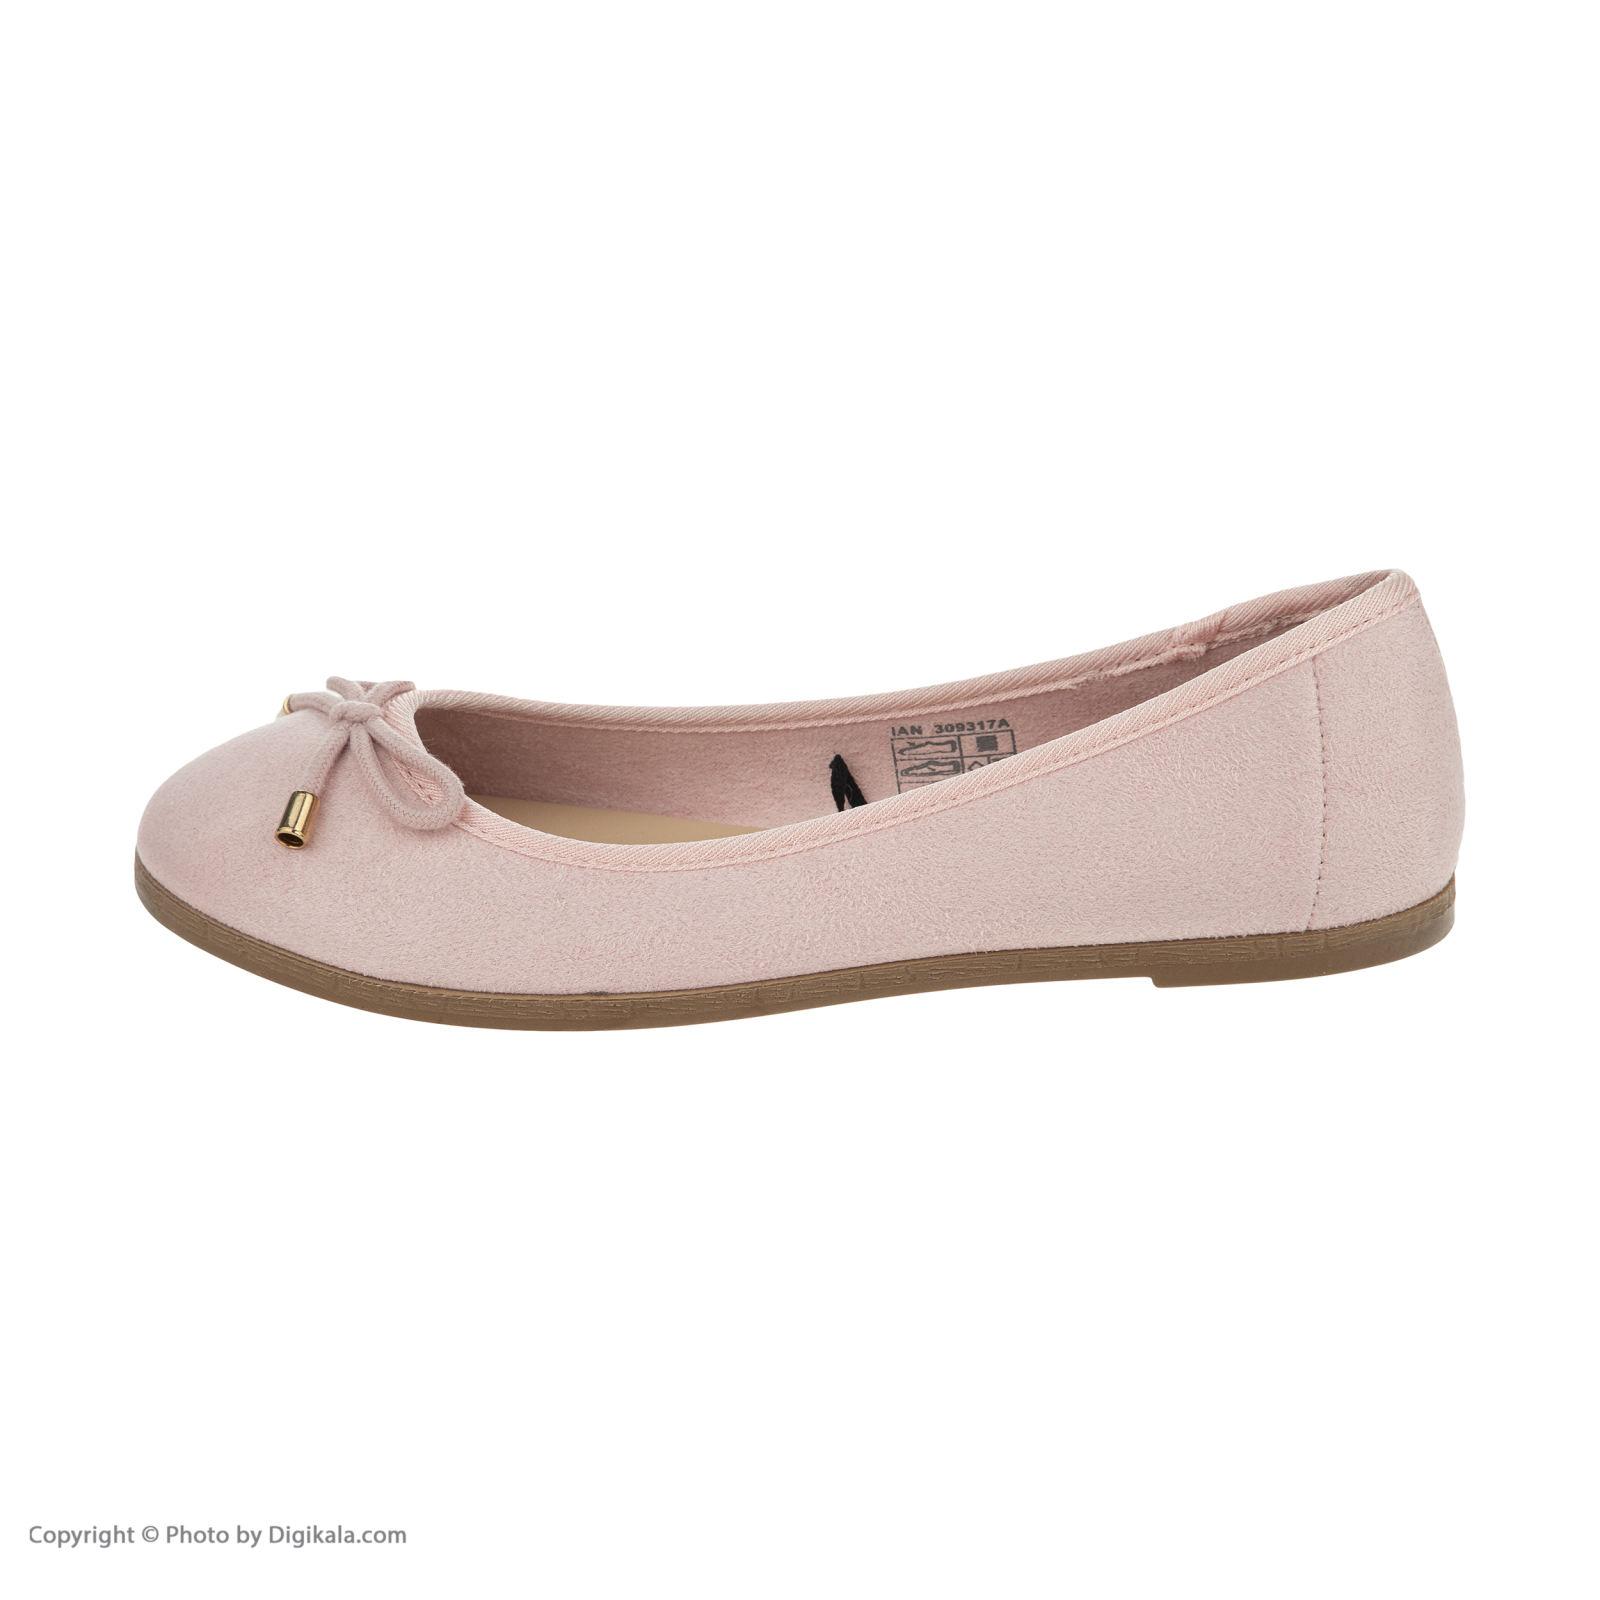 کفش زنانه اسمارا کد Esh05 -  - 3